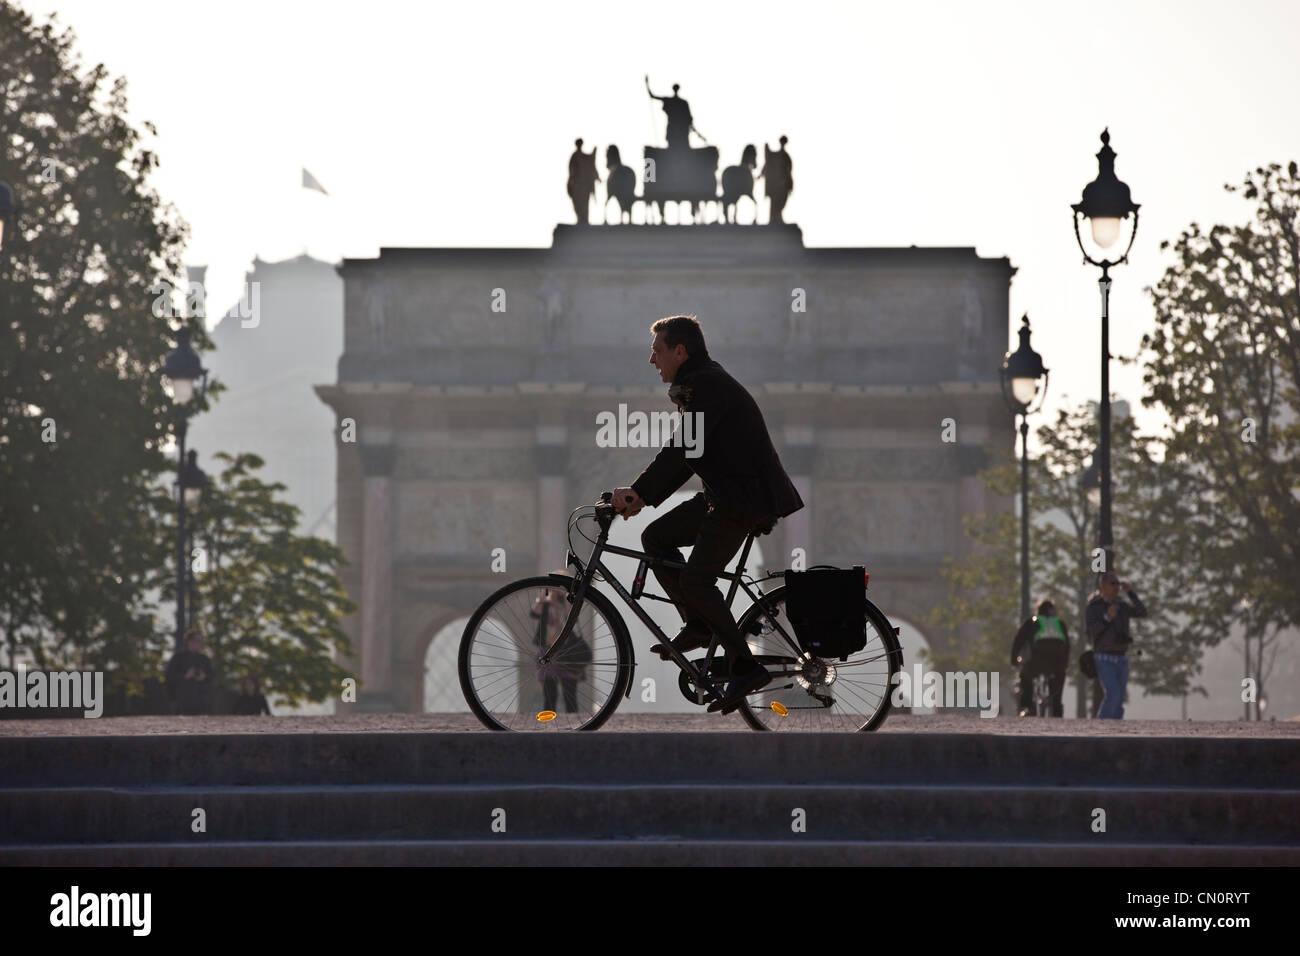 Ein am frühen Morgen Pendler Zyklen vorbei an der Arc de Triomphe du Carrousel in Jardin DesTuileries, Paris, Frankreich. Stockfoto